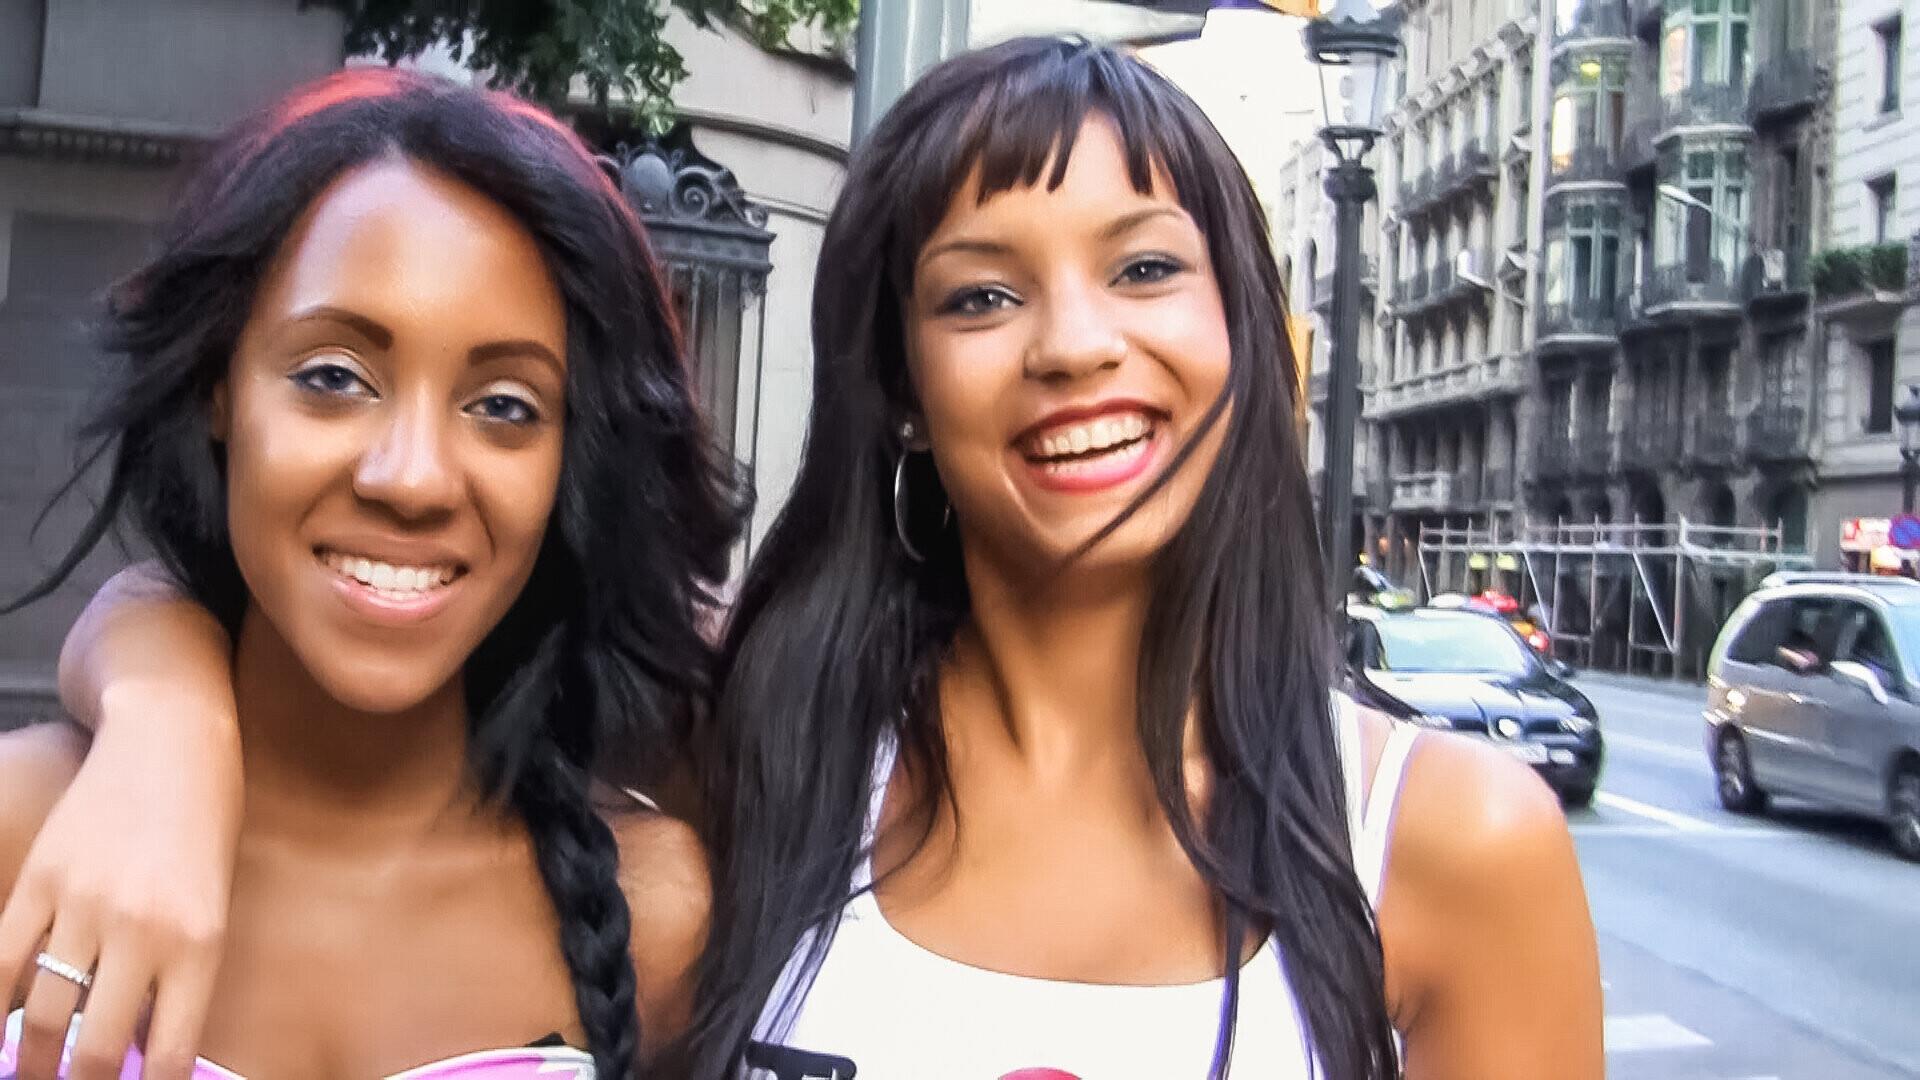 Threesome with Horny Ebony Latina BFFs in Barcelona